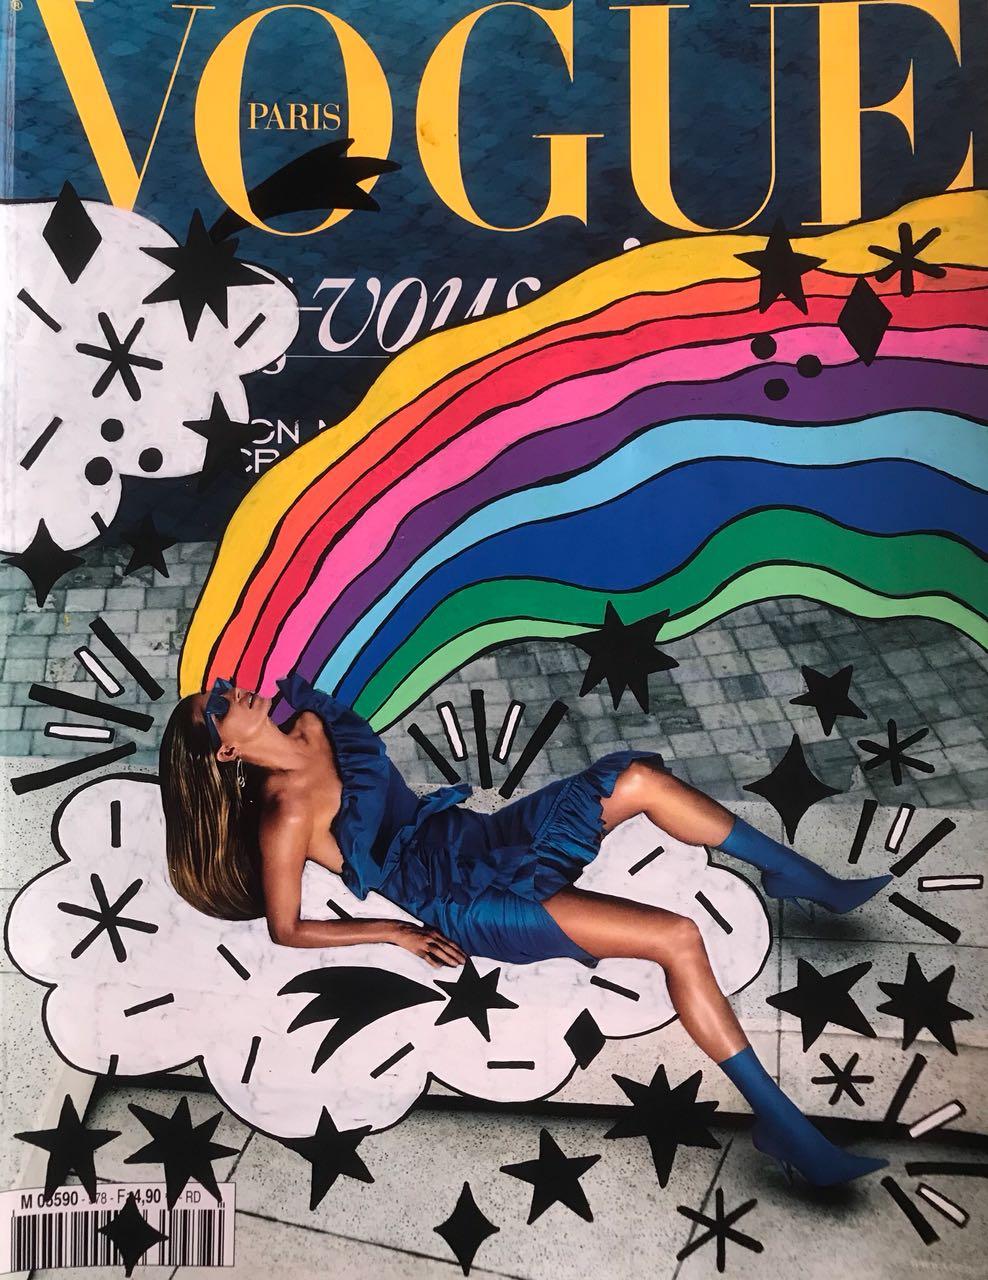 Vogue Paris - Gisele.jpeg